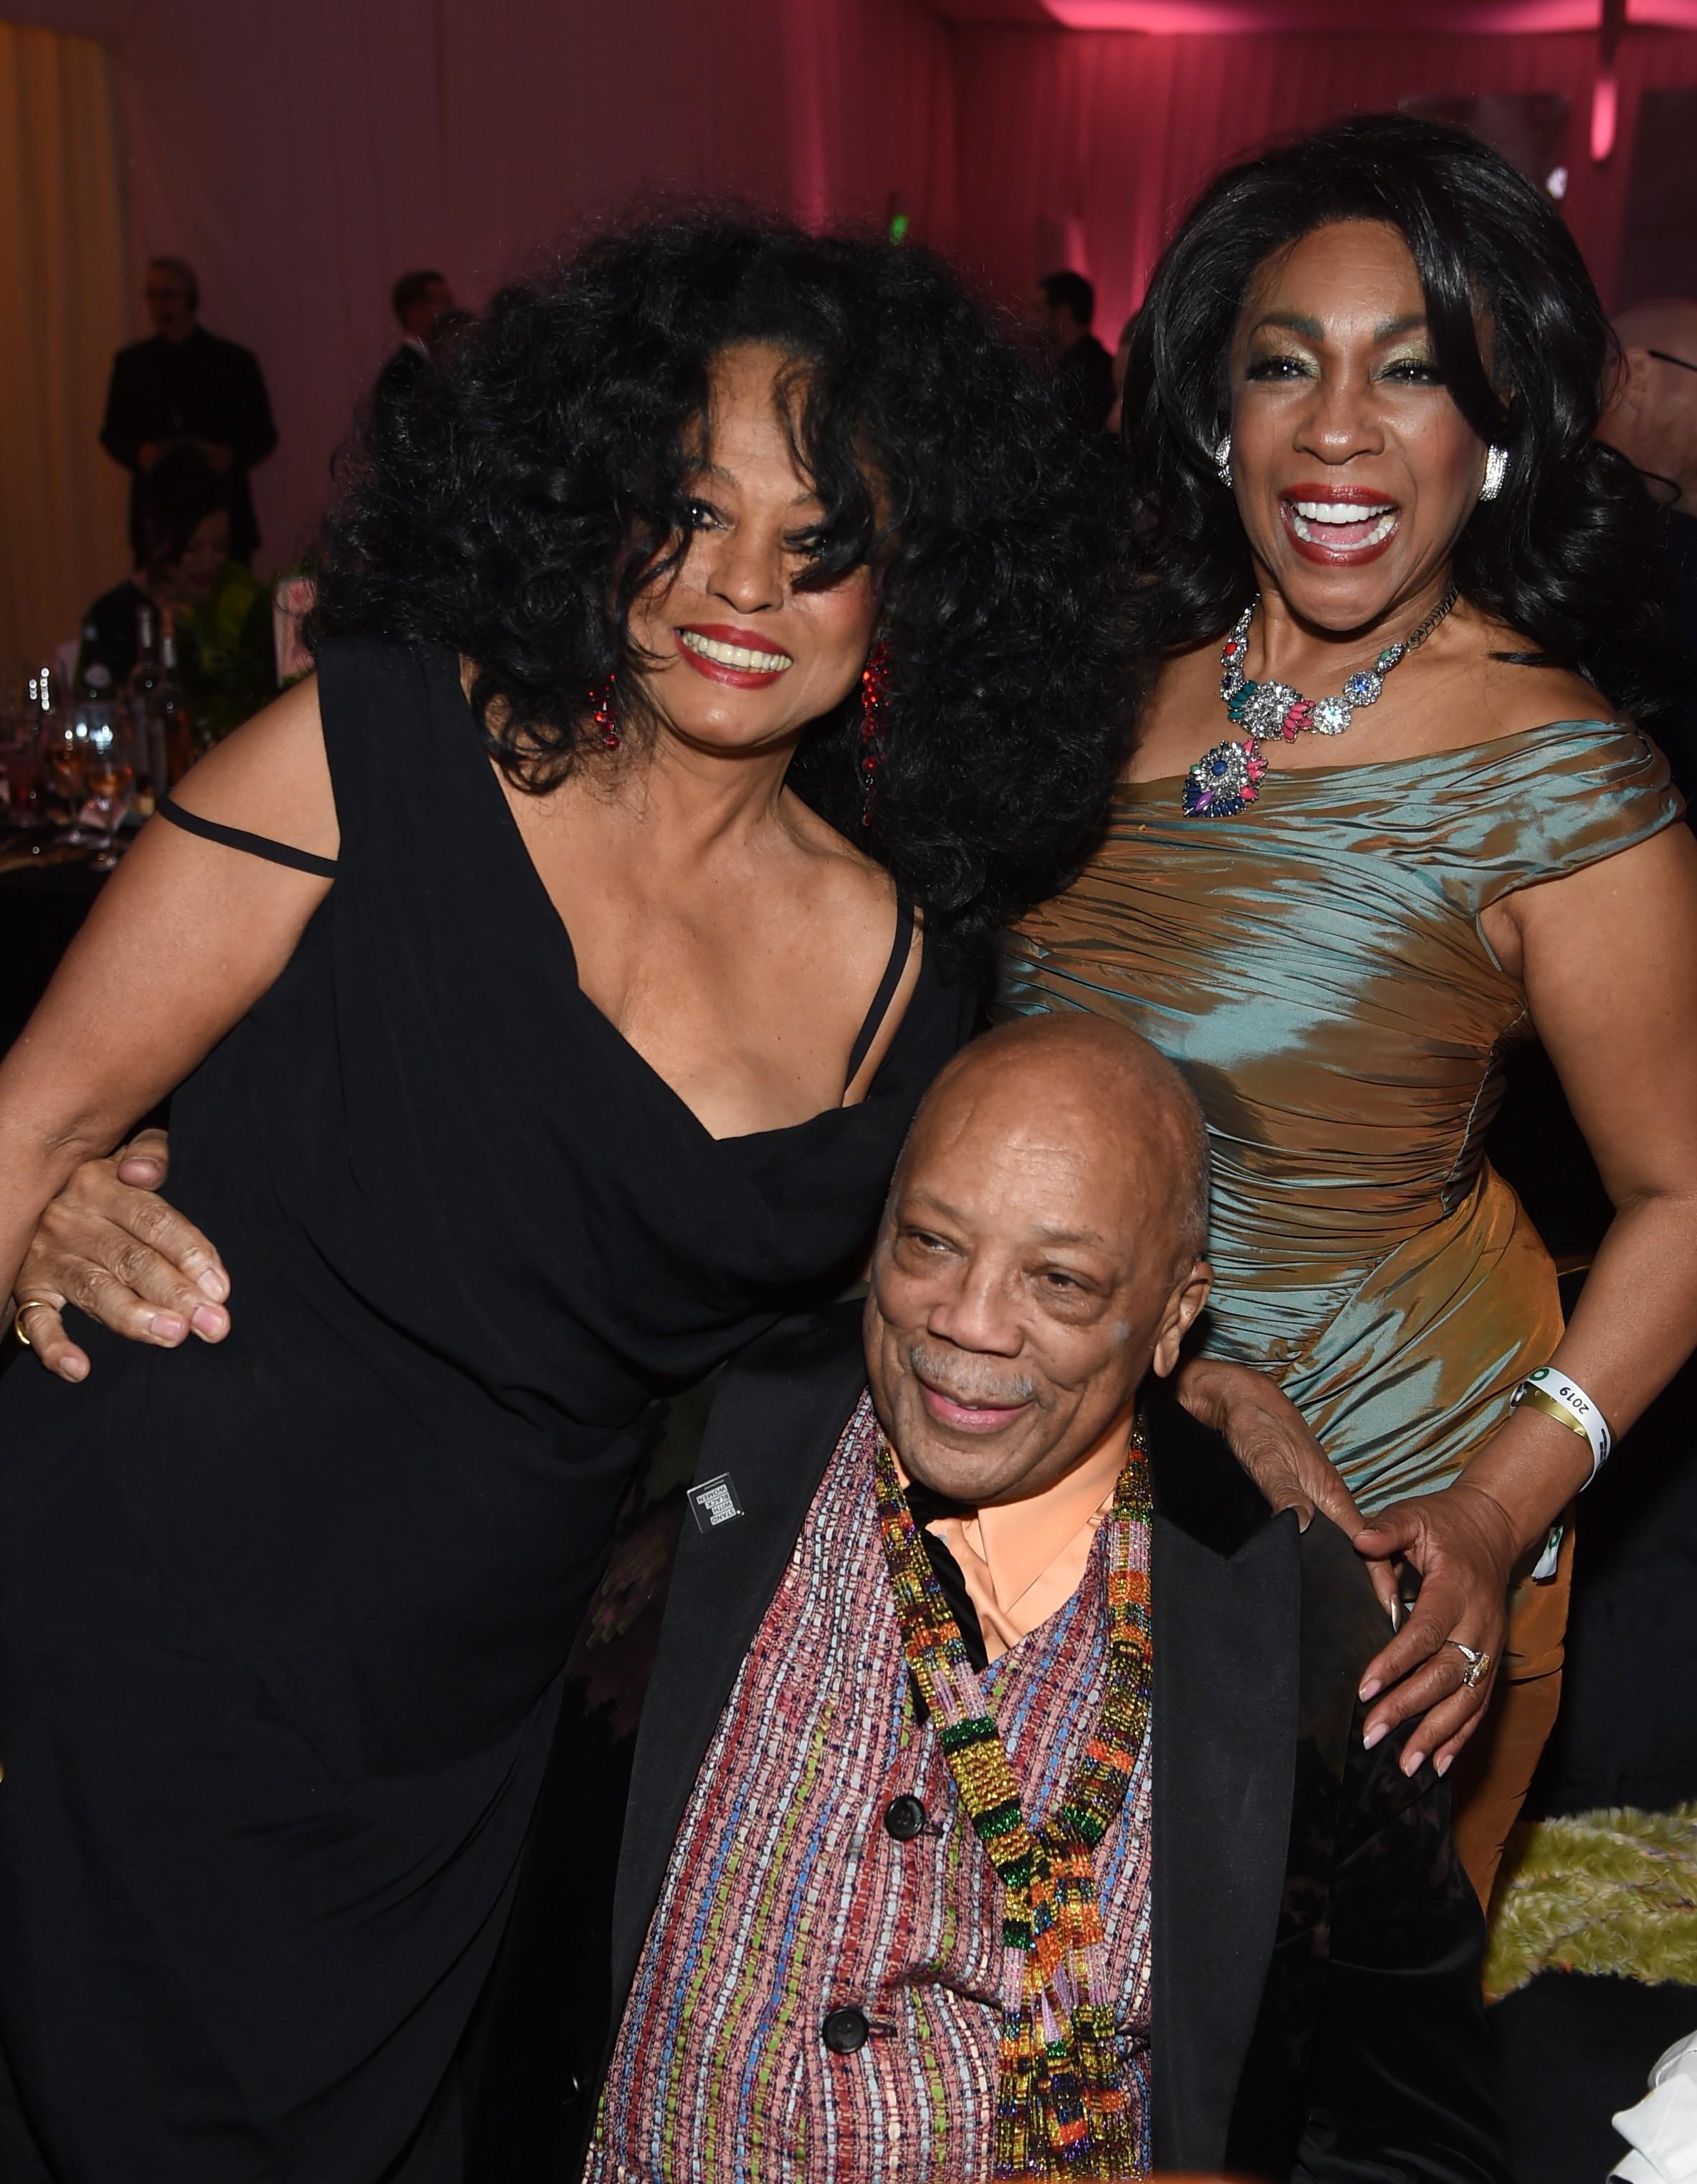 As cantoras Diana Ross e Mary Wilson com o produtor Quincy Jones em evento em Hollywood em fevereiro de 2019 (Foto: Getty Images)